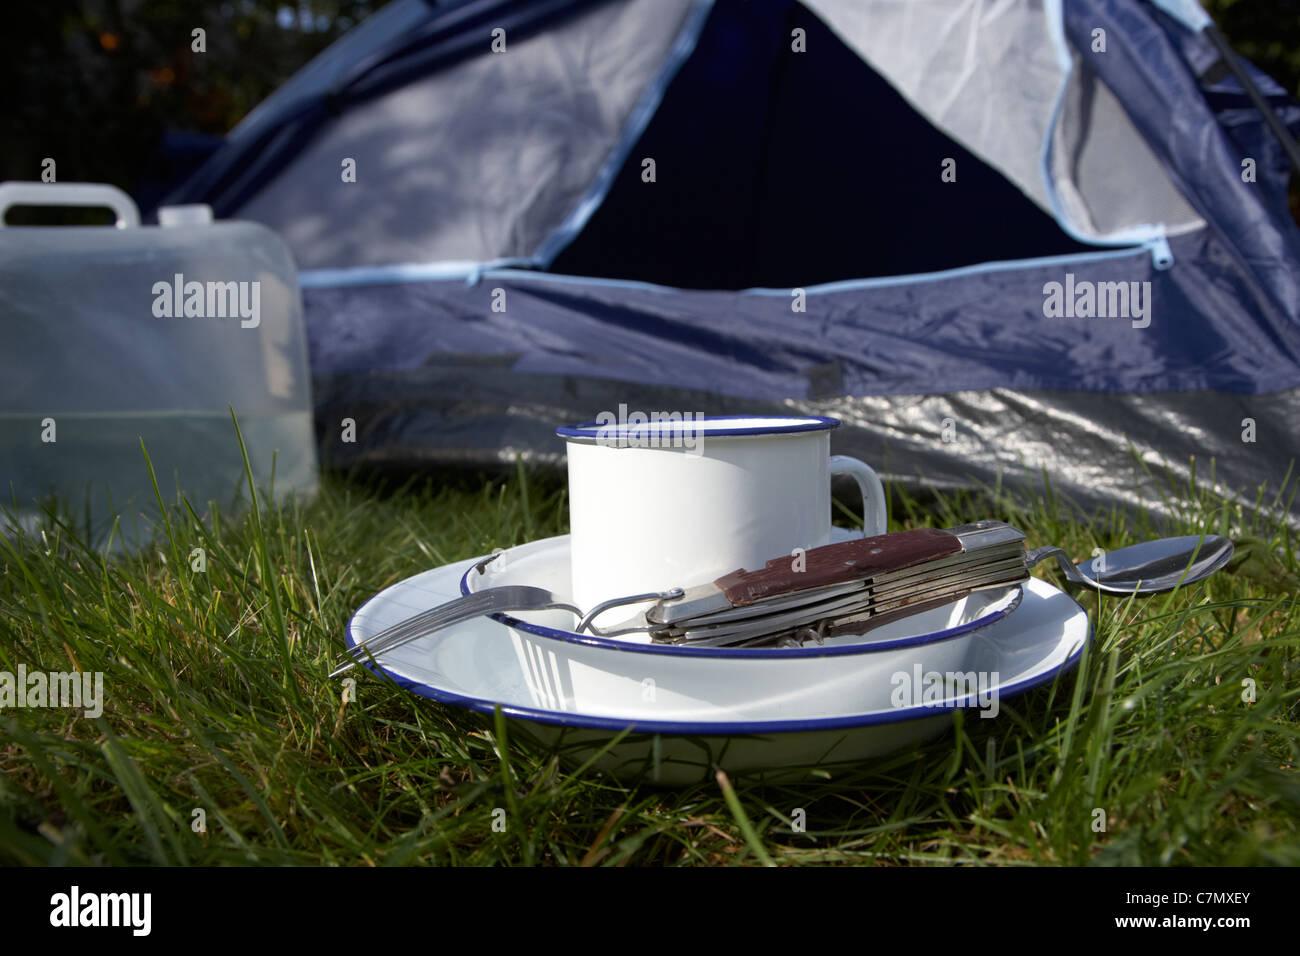 La plaque d'étain contenant de l'eau et de l'outil coupe camping ustensiles en face de la porte Photo Stock